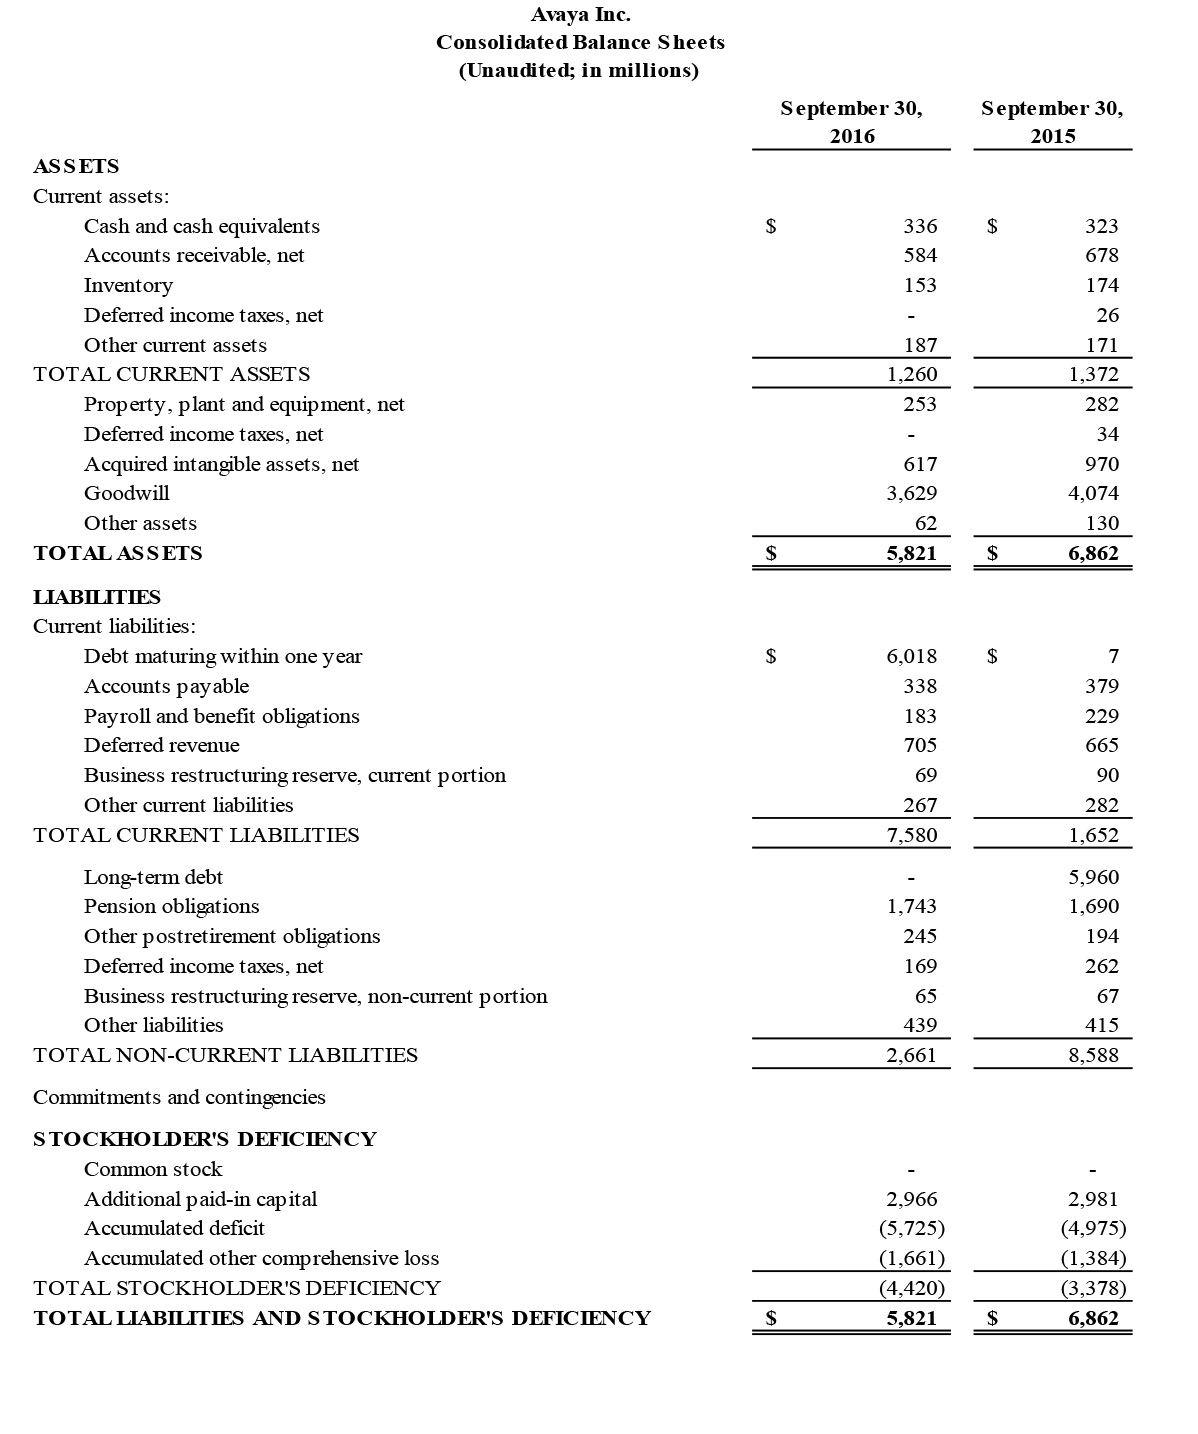 Avaya 2016 balance sheet